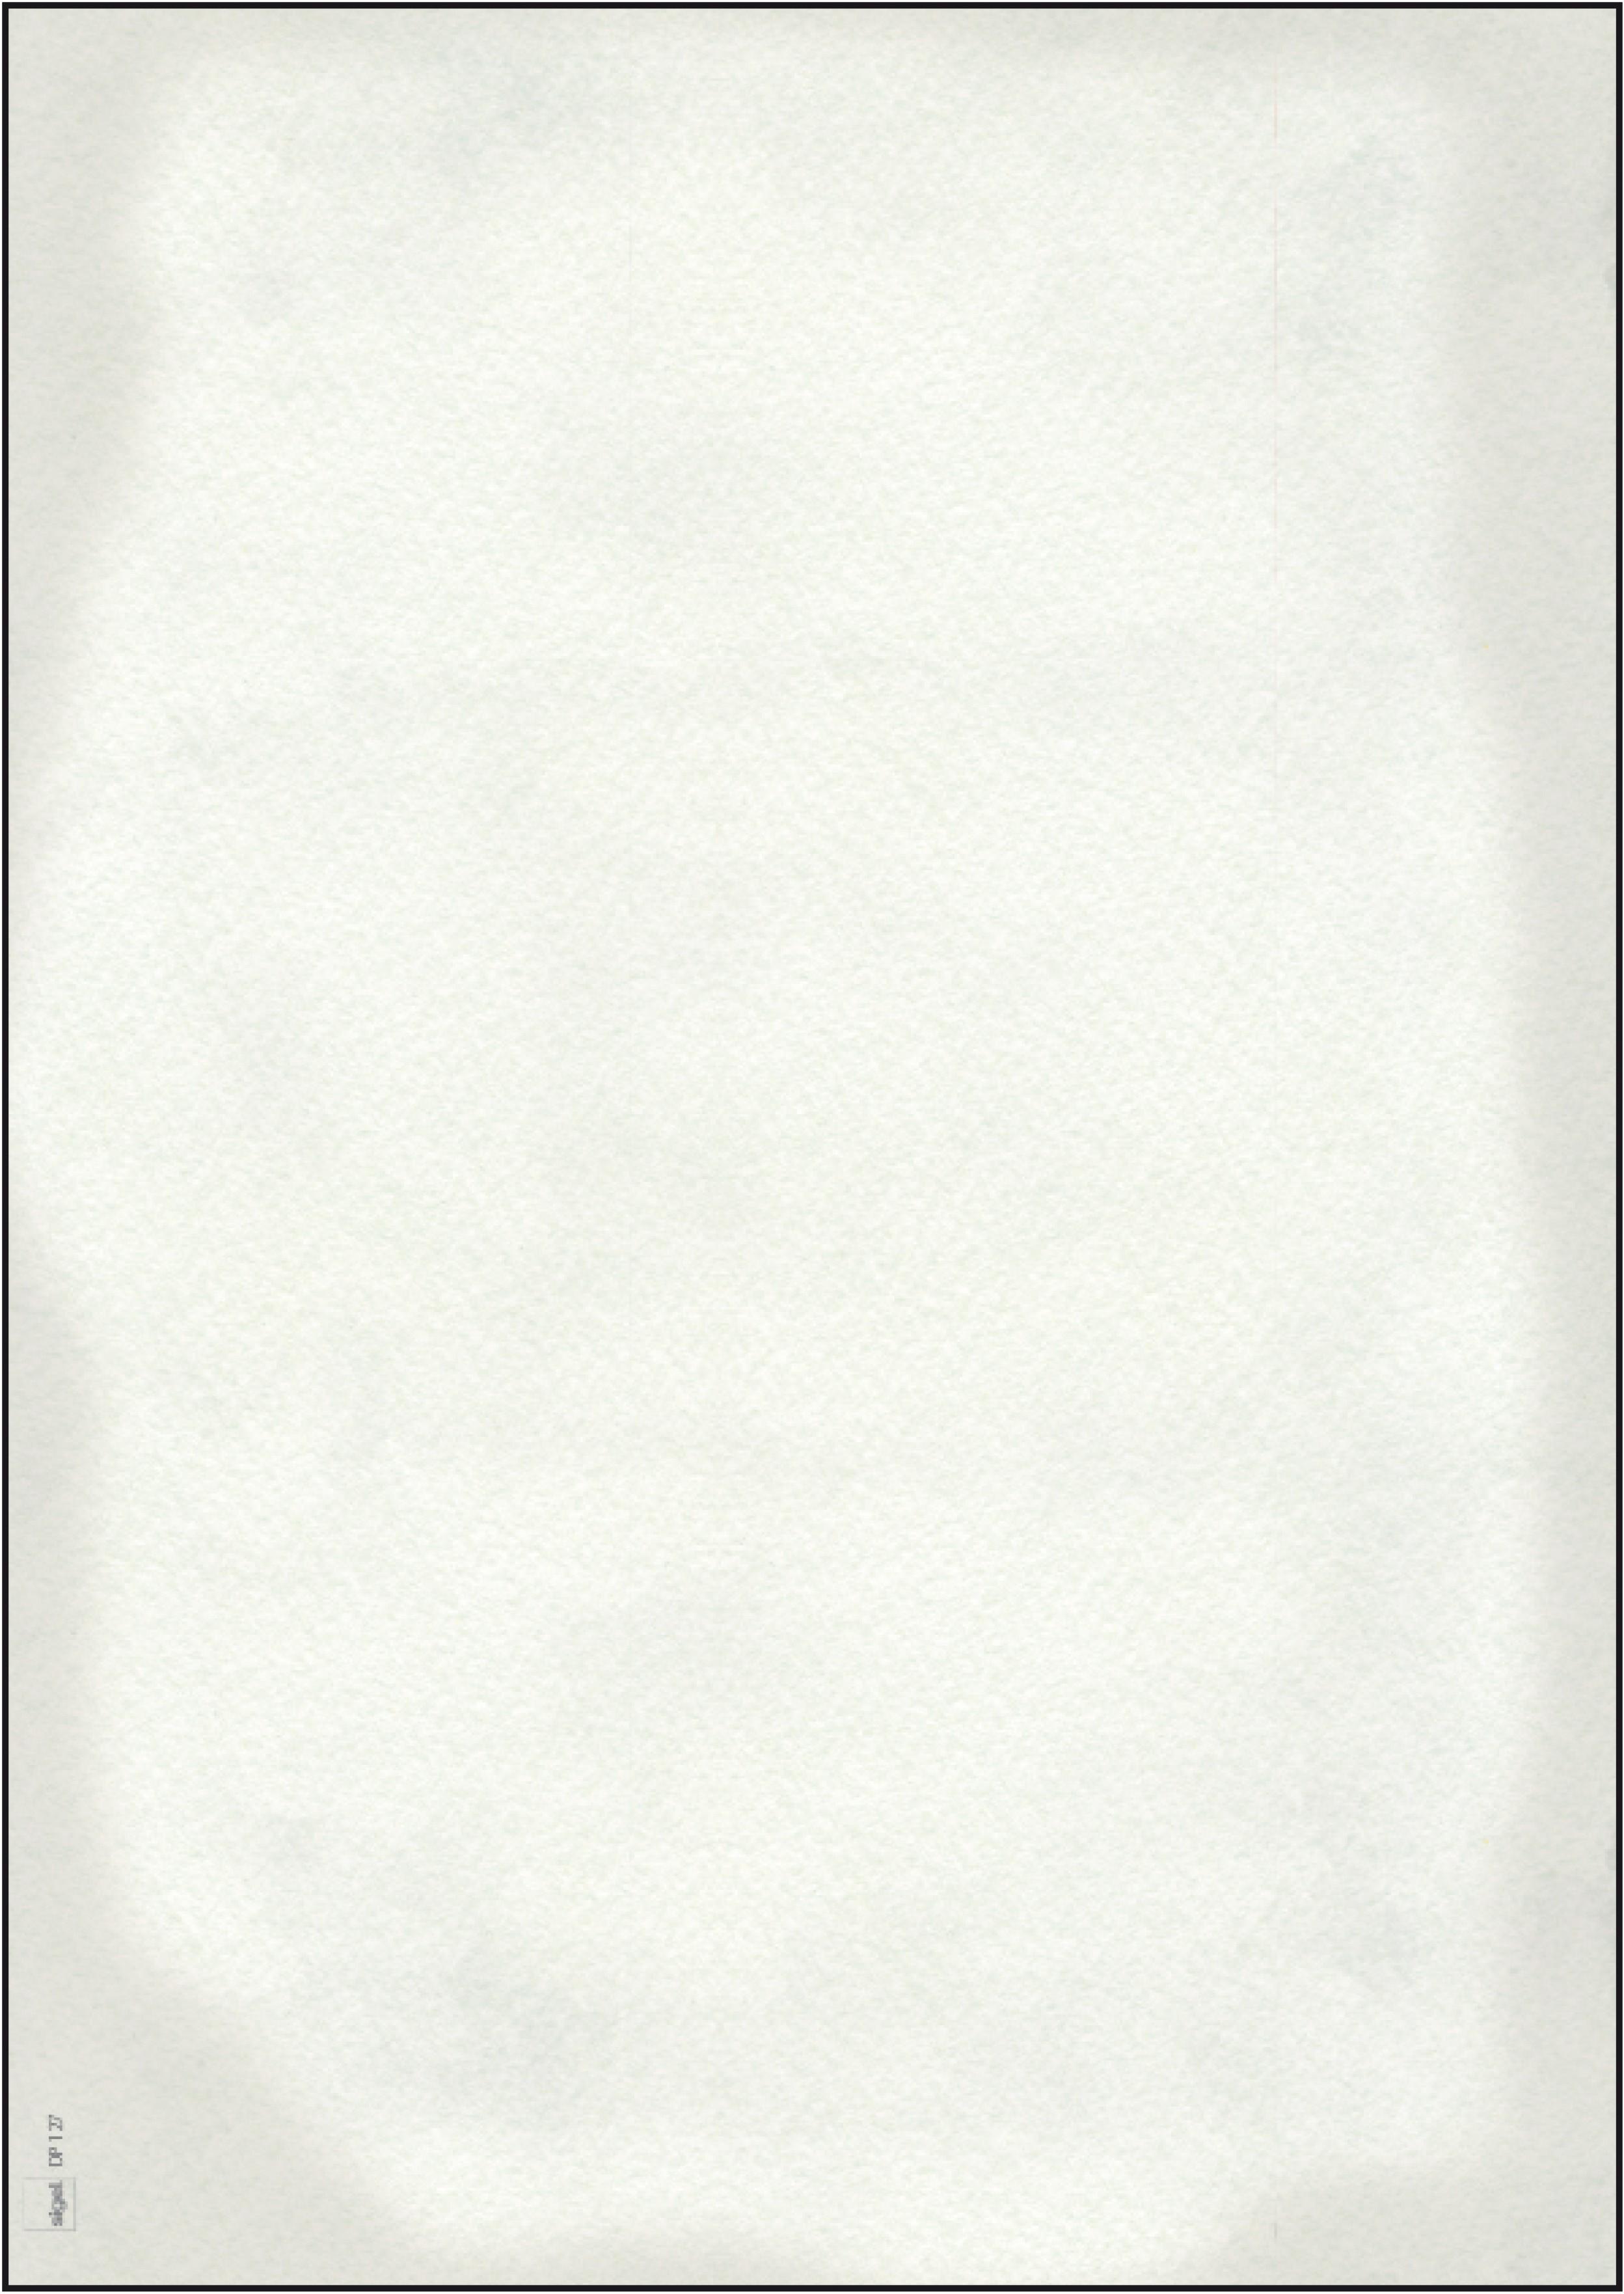 Papier créatif marbré bleu ciel